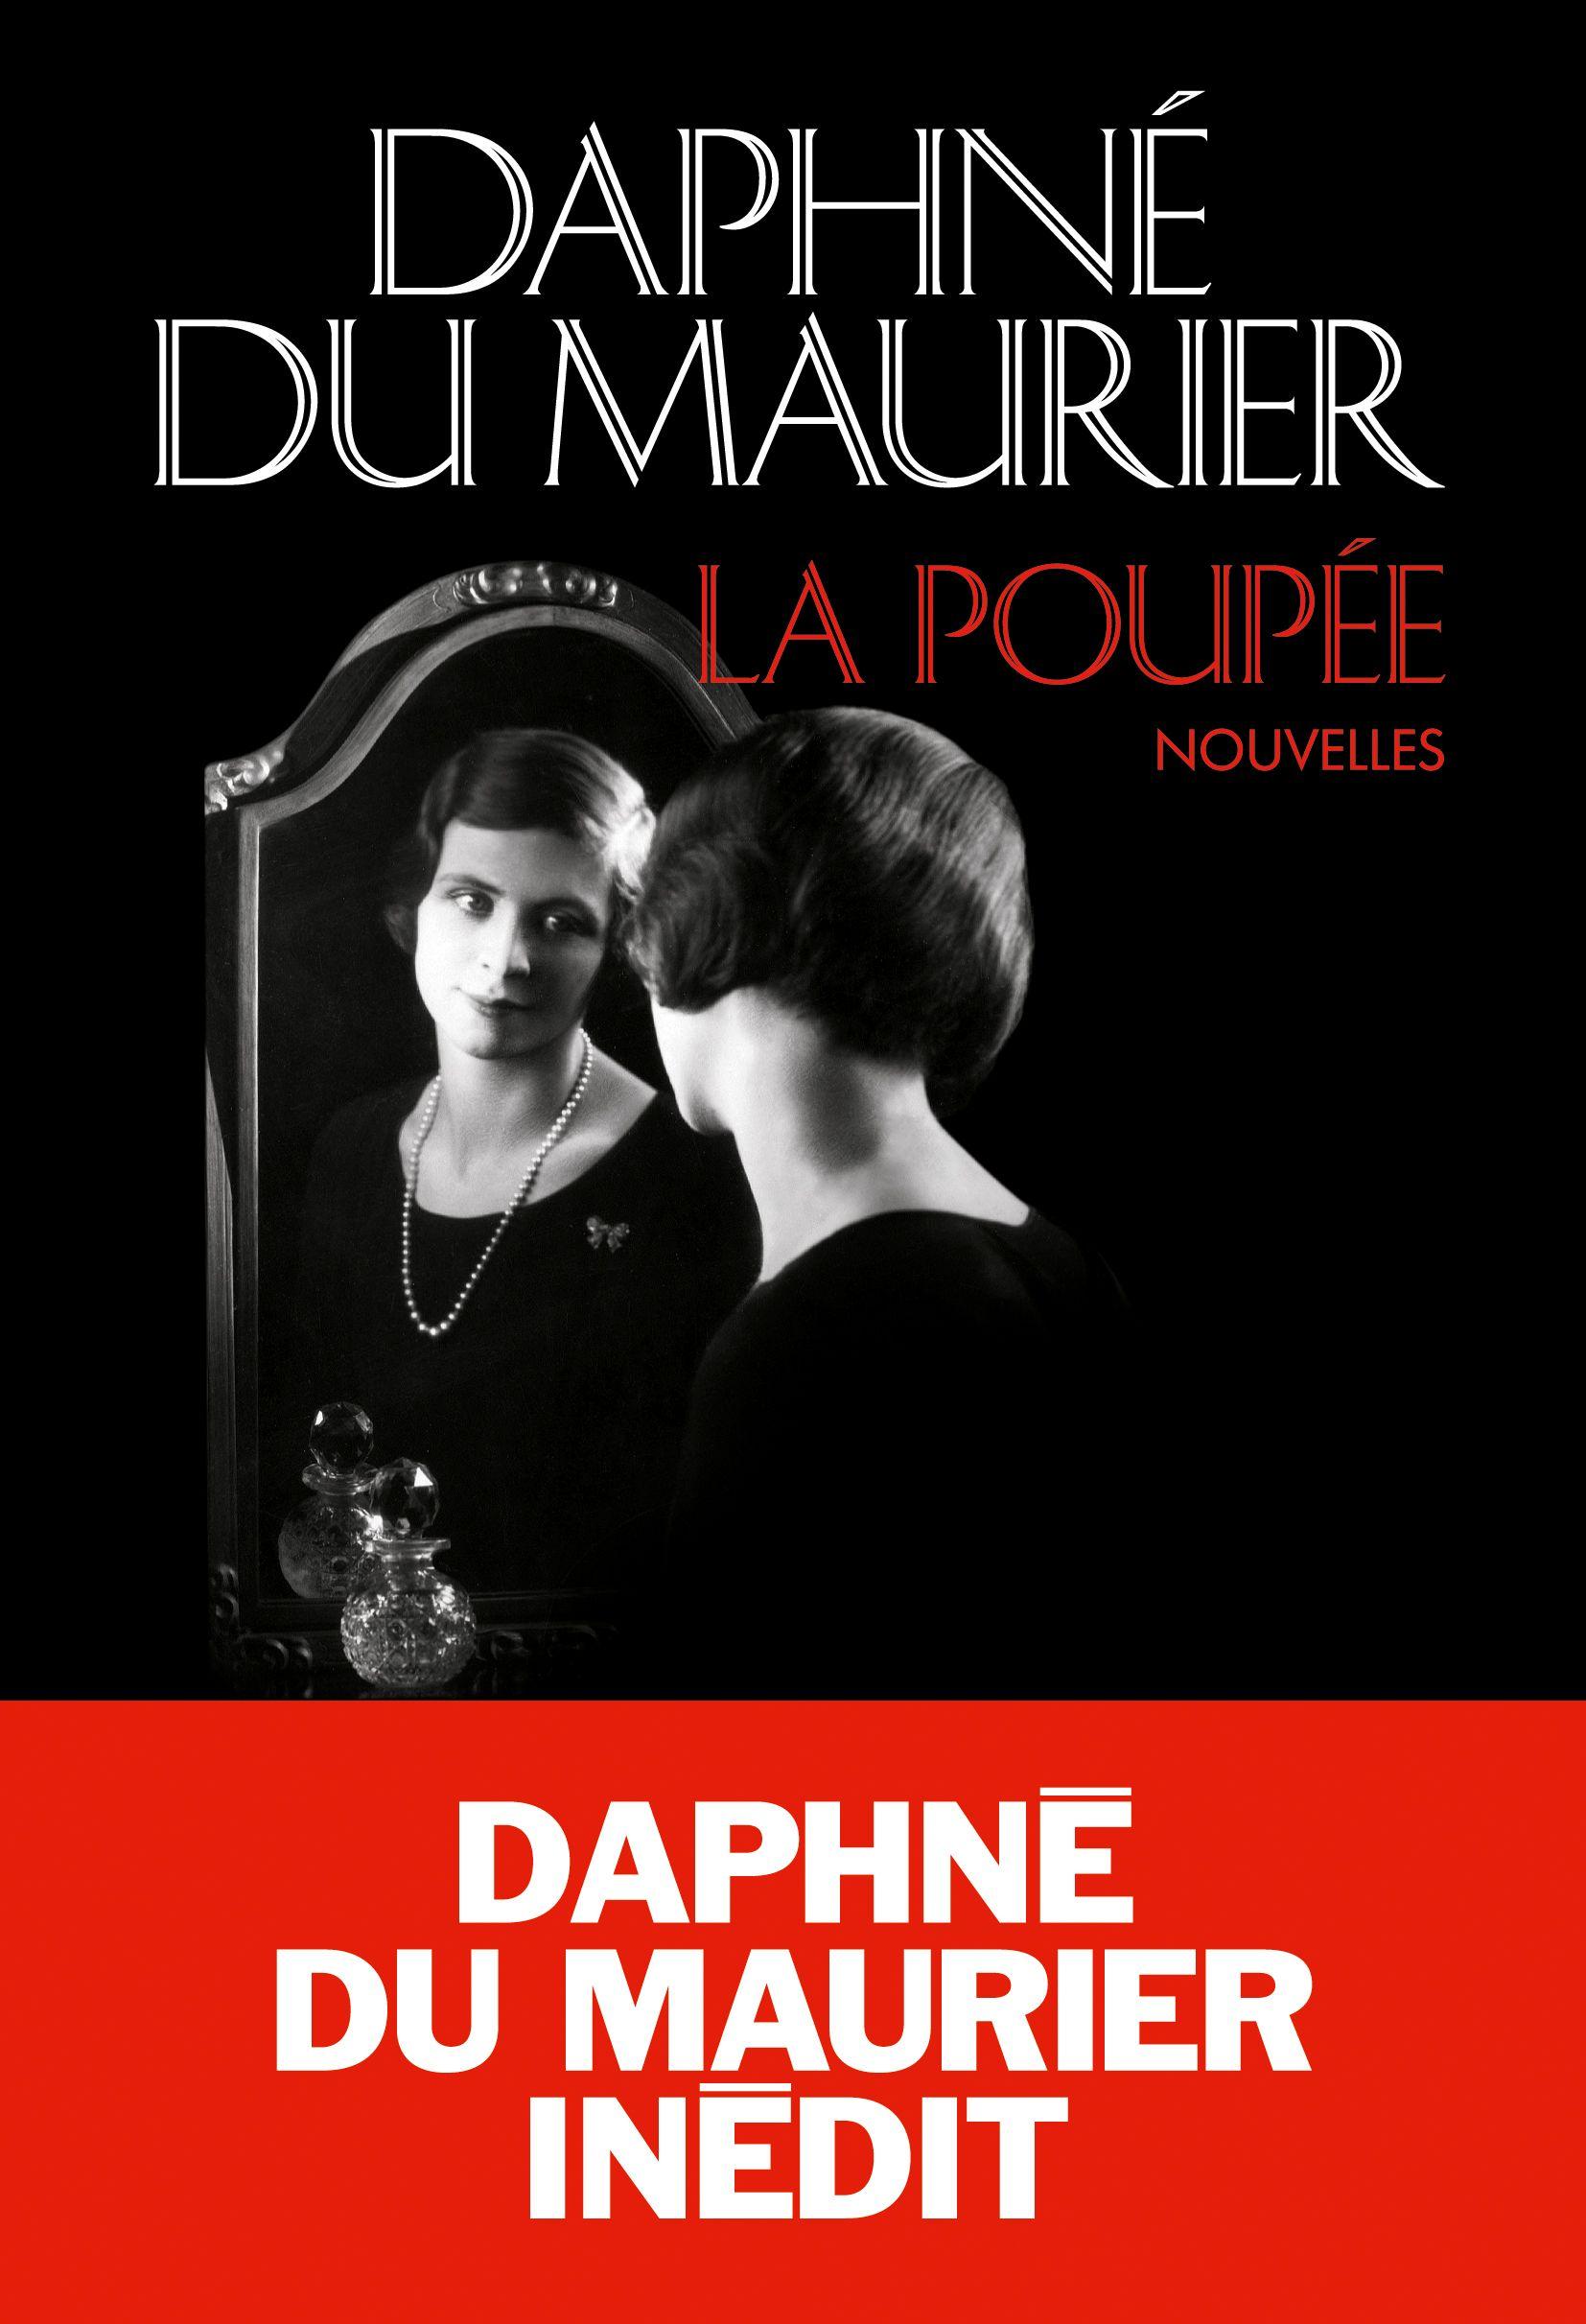 Daphné du Maurier. La poupée. Nouvelles.